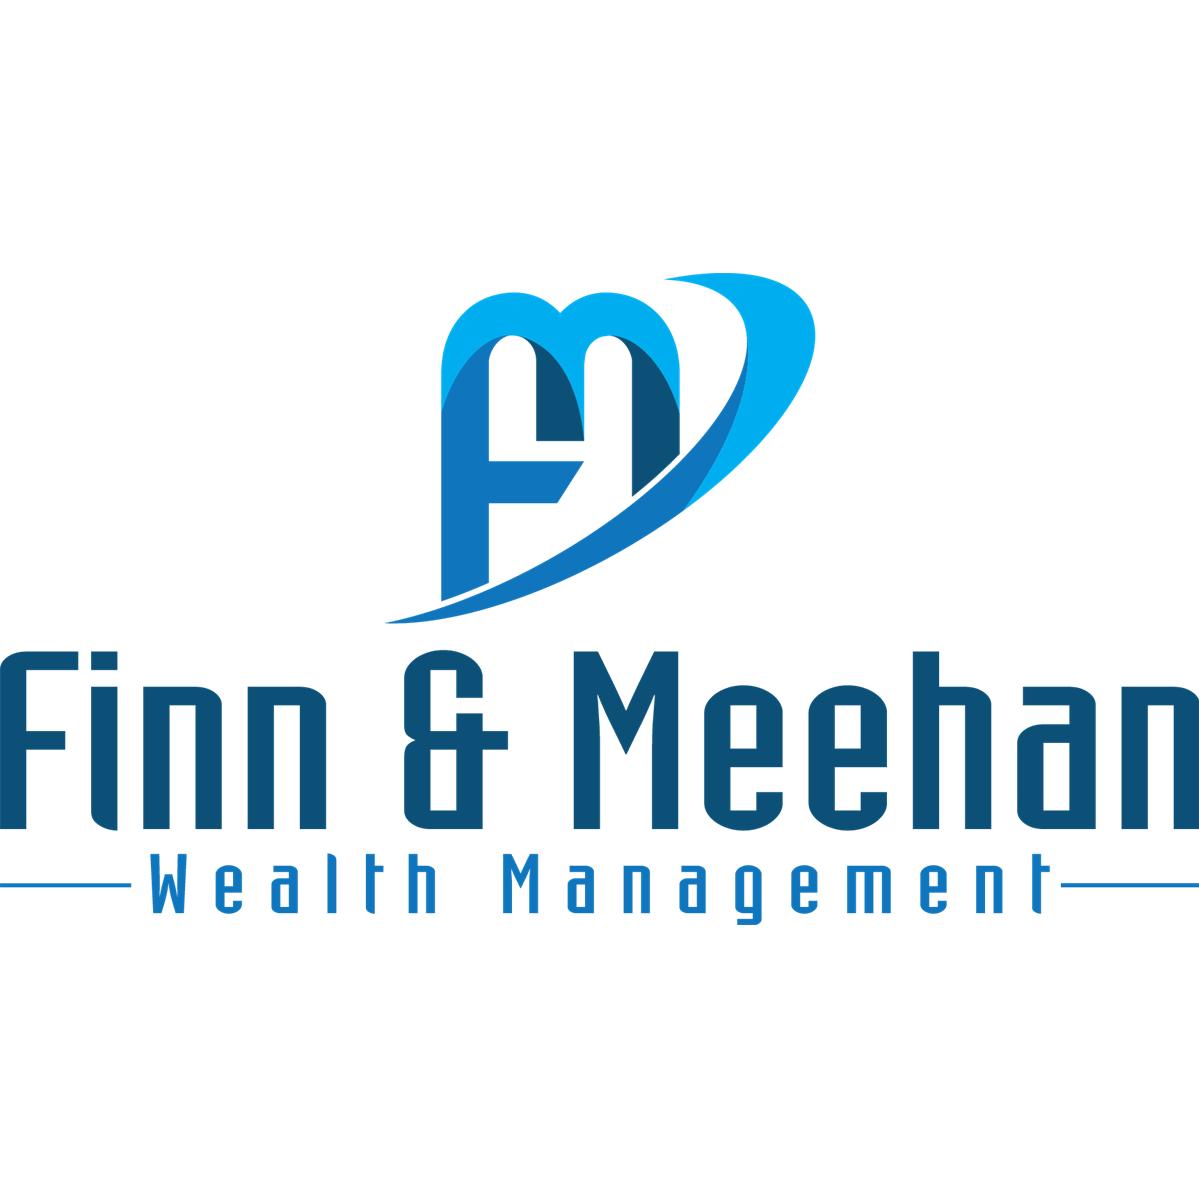 Finn & Meehan Wealth Management, LLC